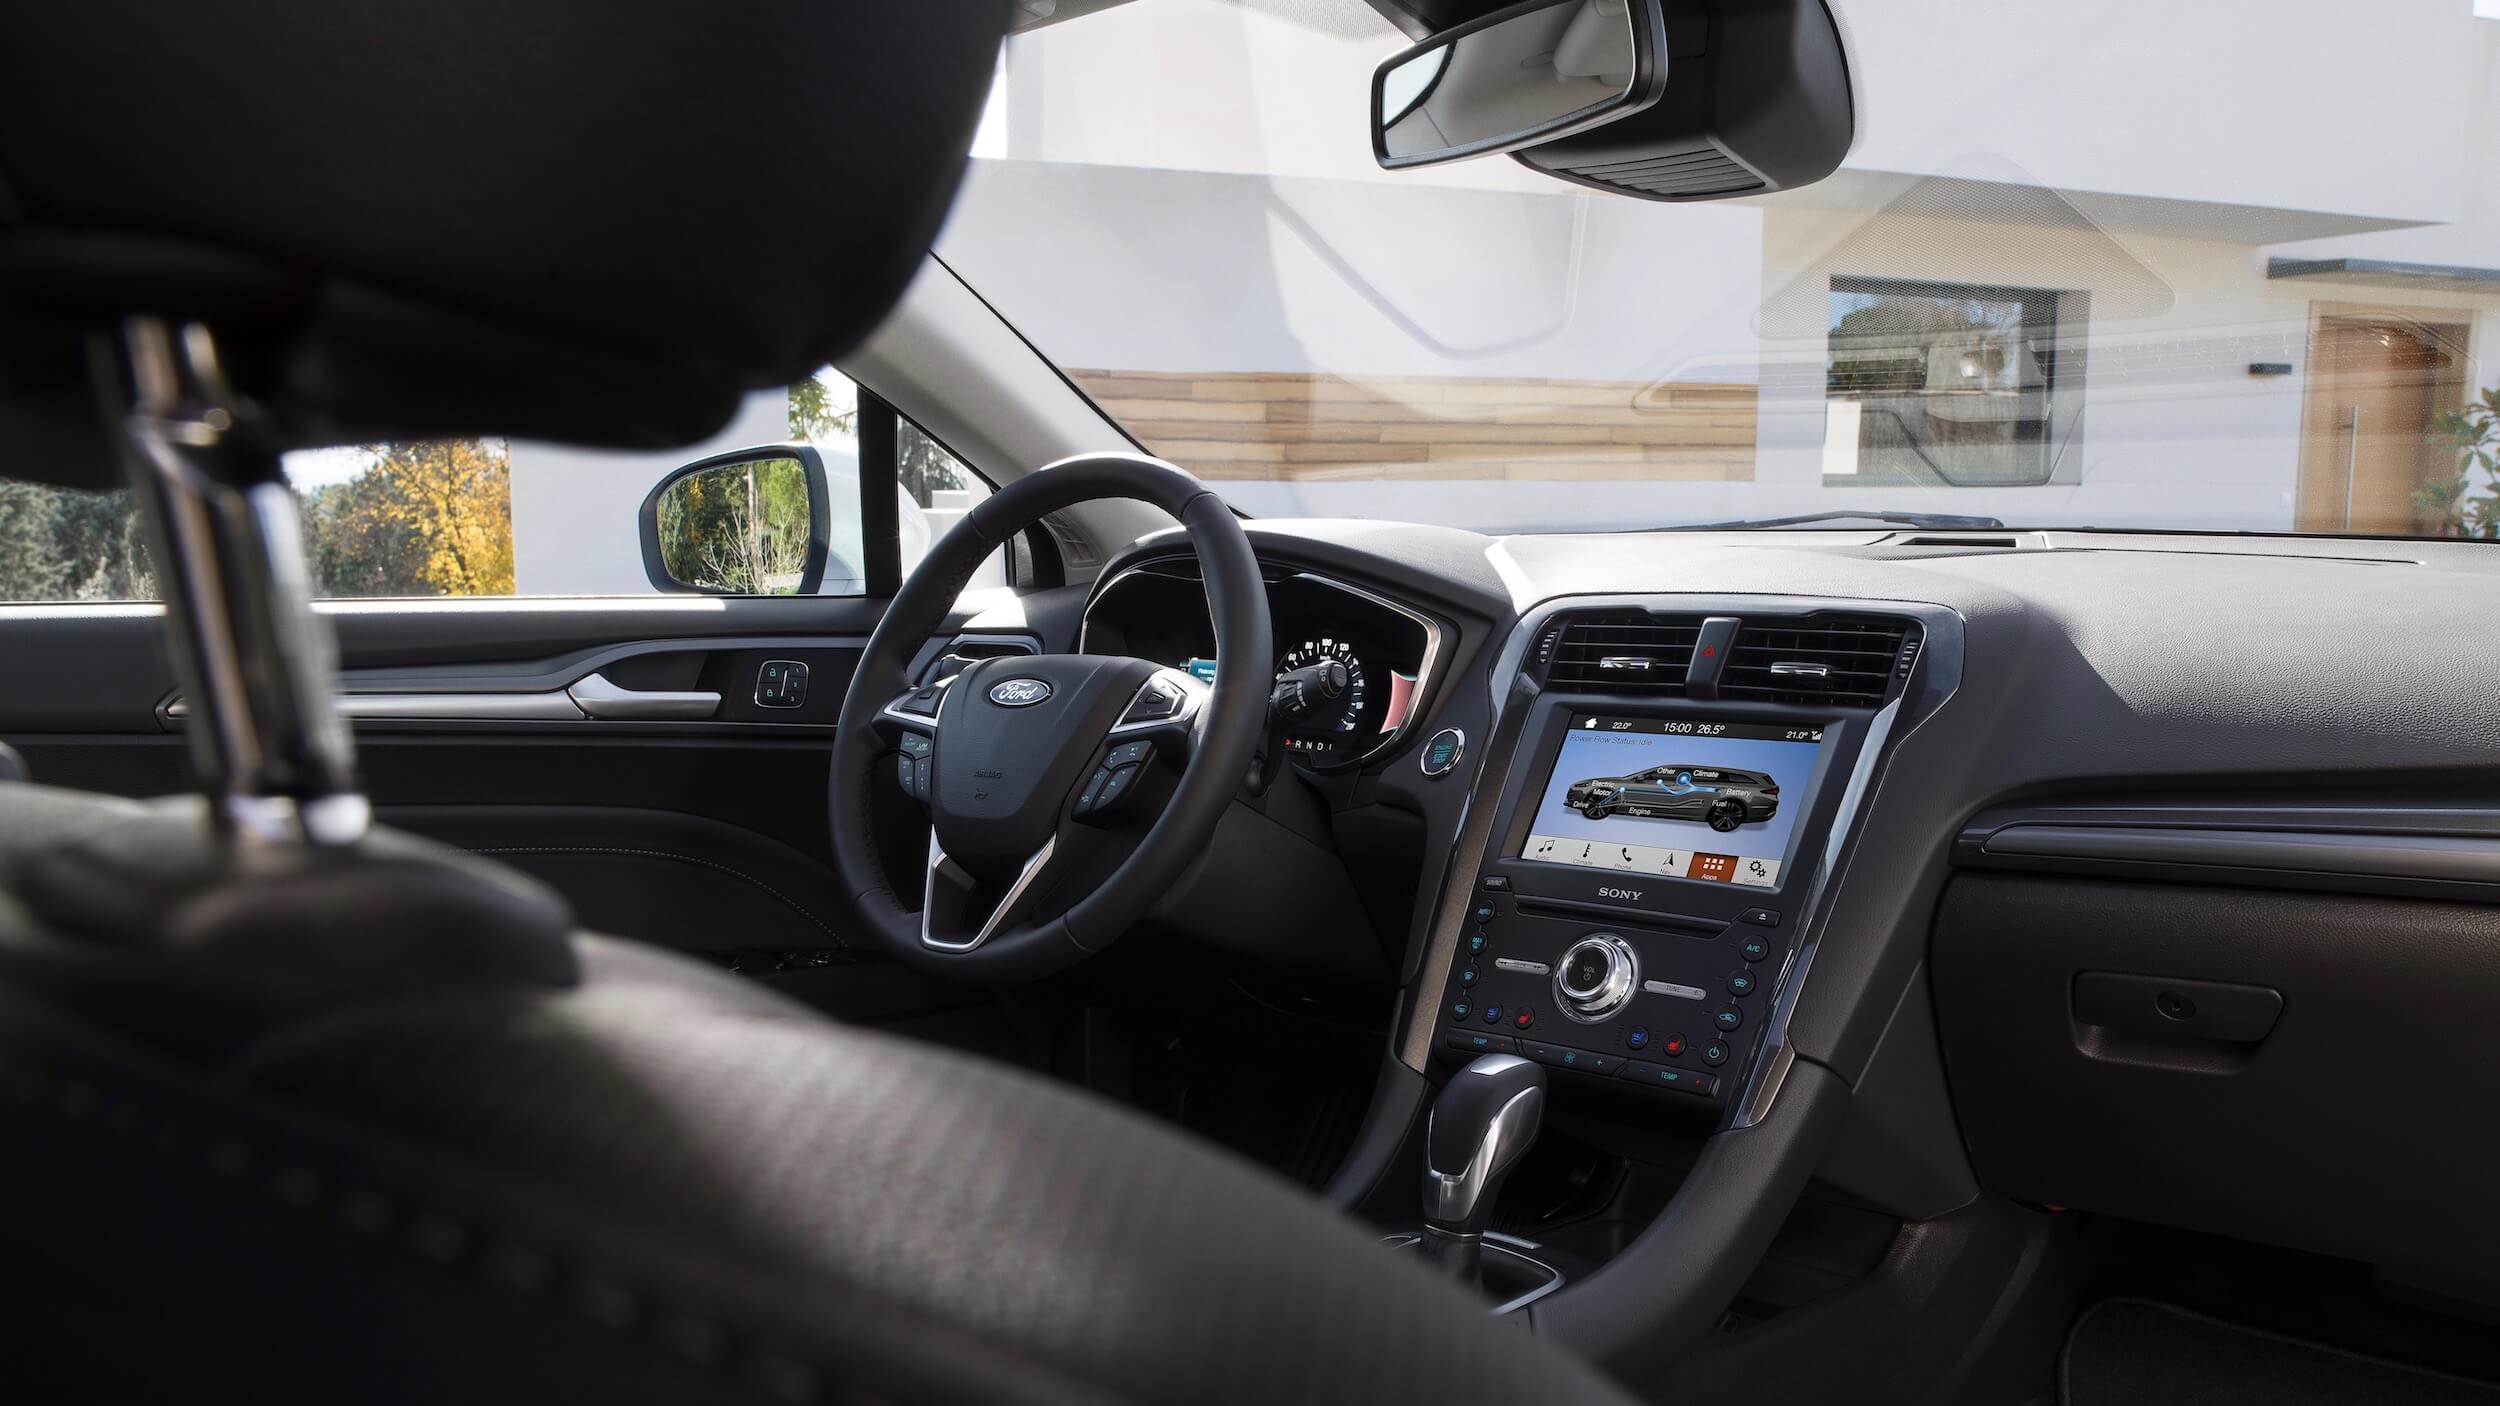 Ford Mondeo dashboard e interior